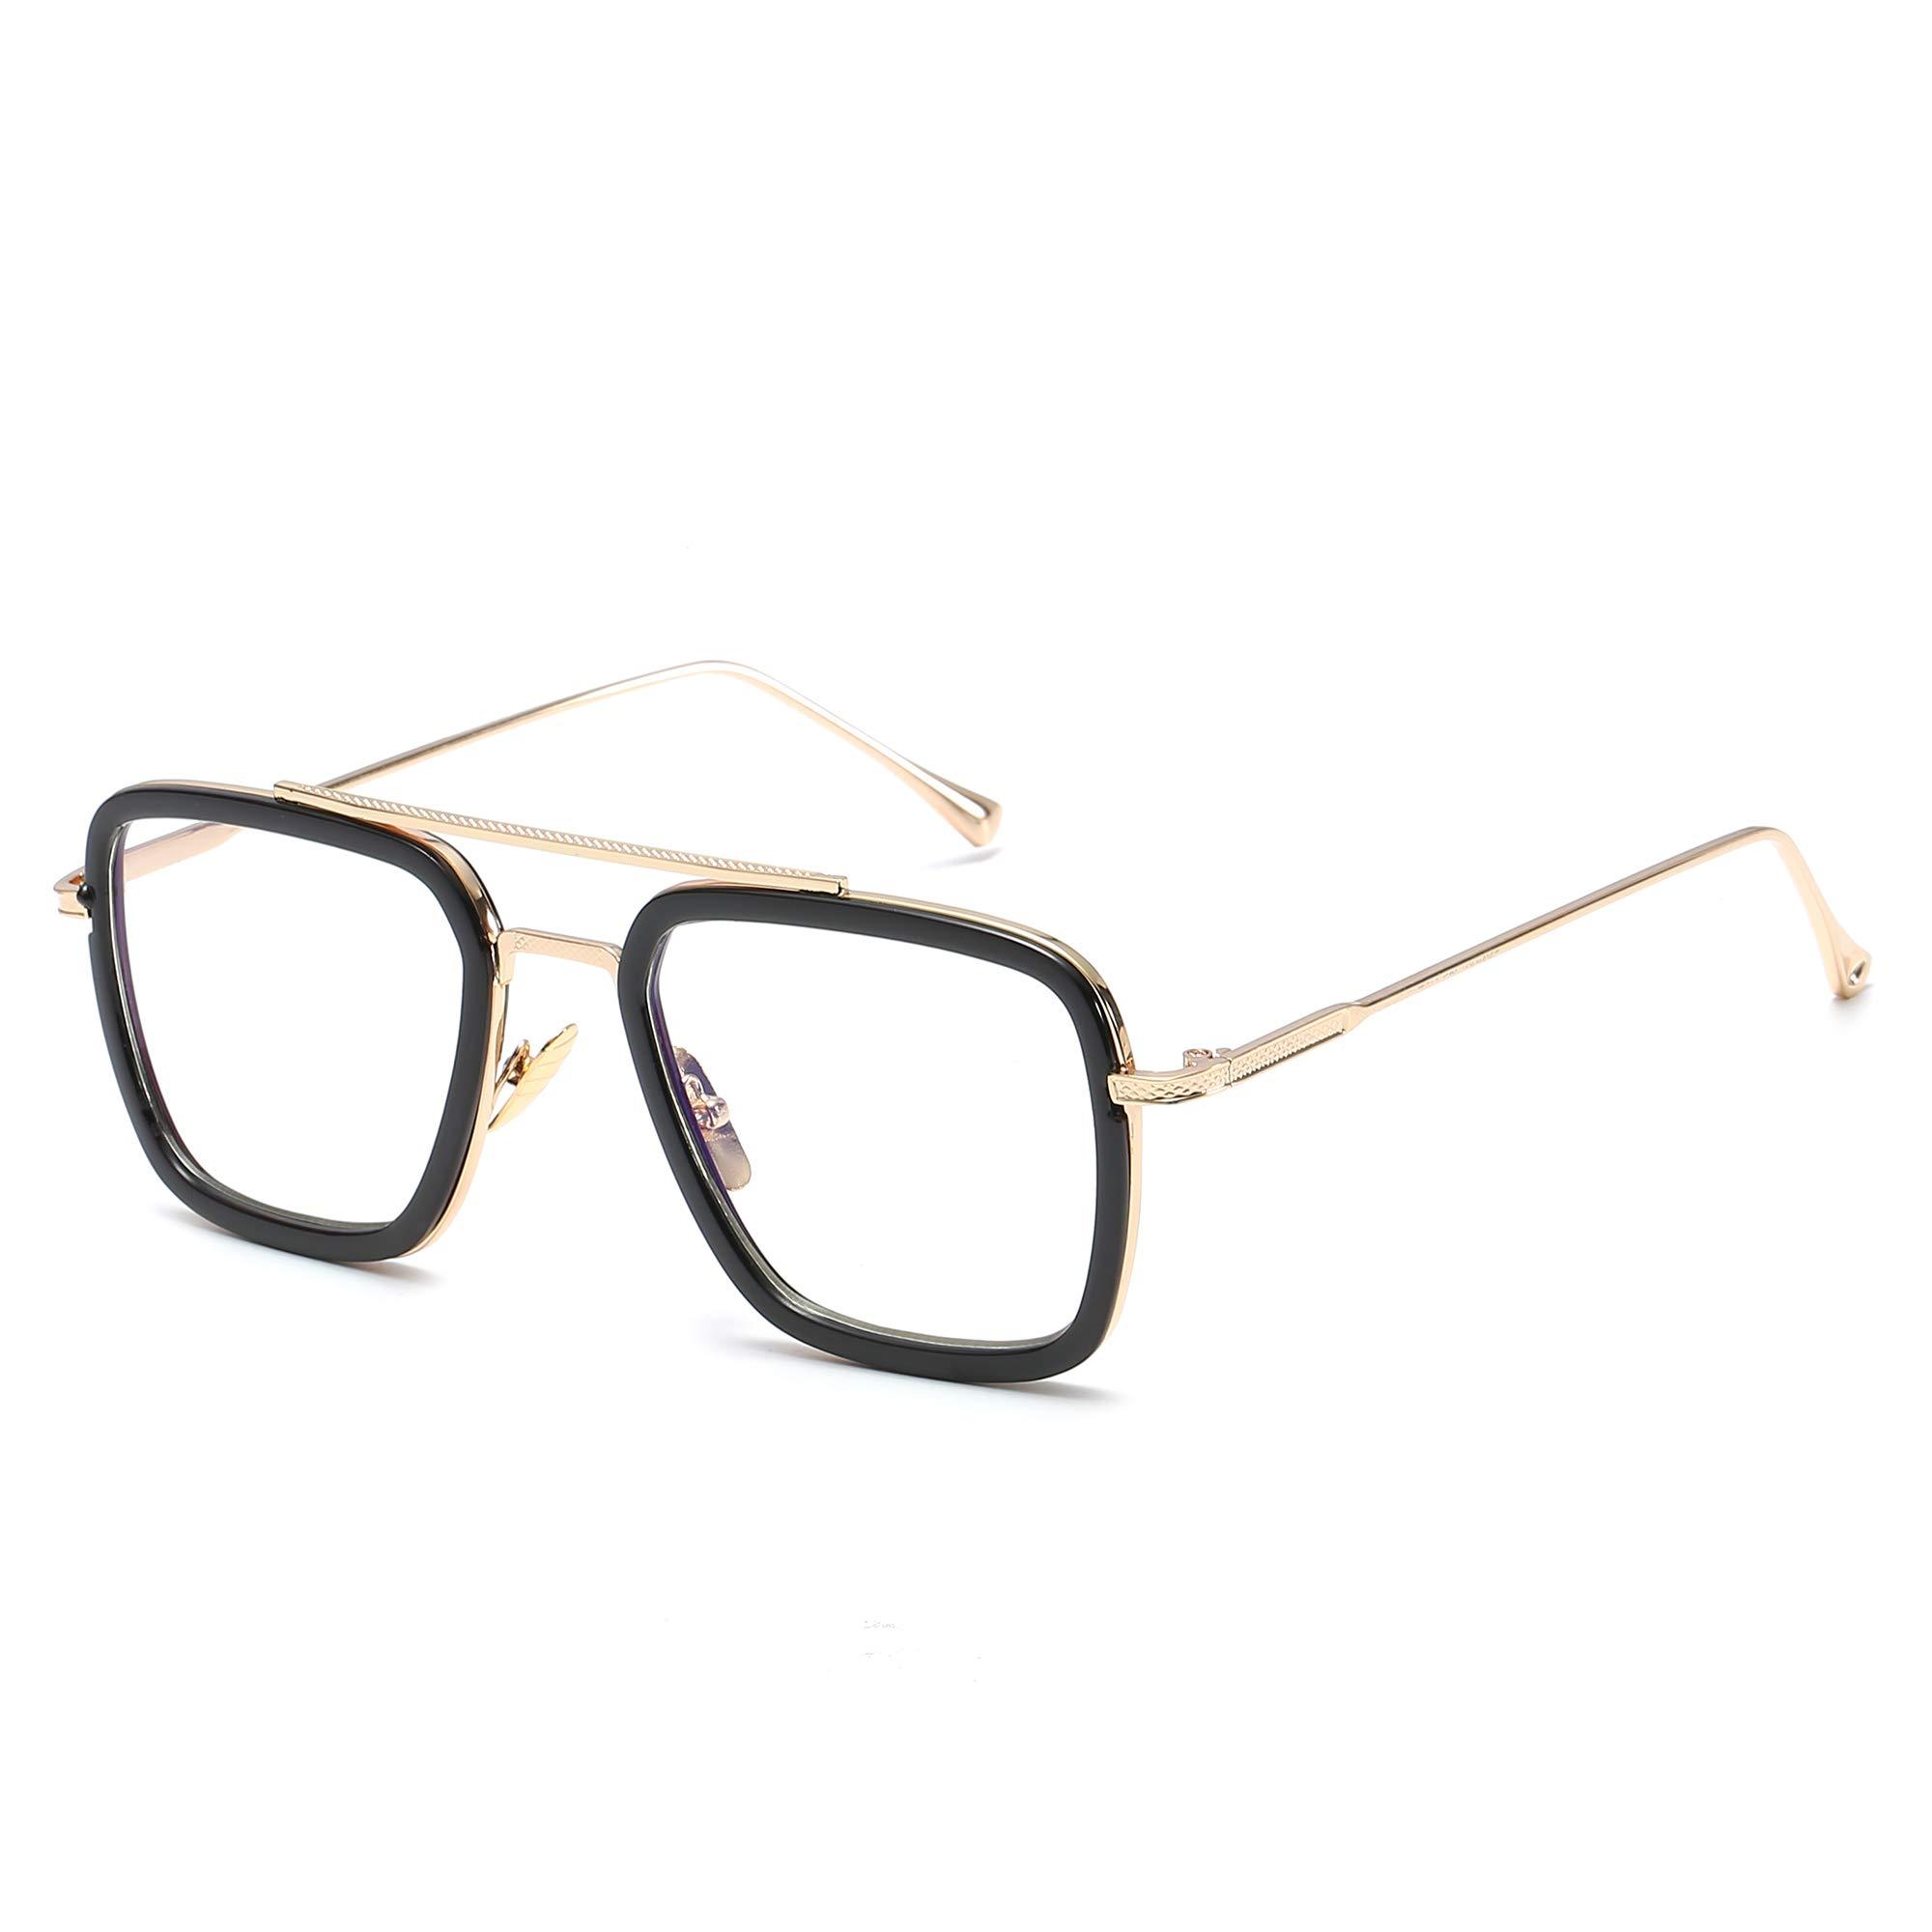 Retro Aviator Sunglasses for Men Women Square Metal Classic Sun Glasses Designer Shades (Black Frame/Transparent Lens) by GOBIGER